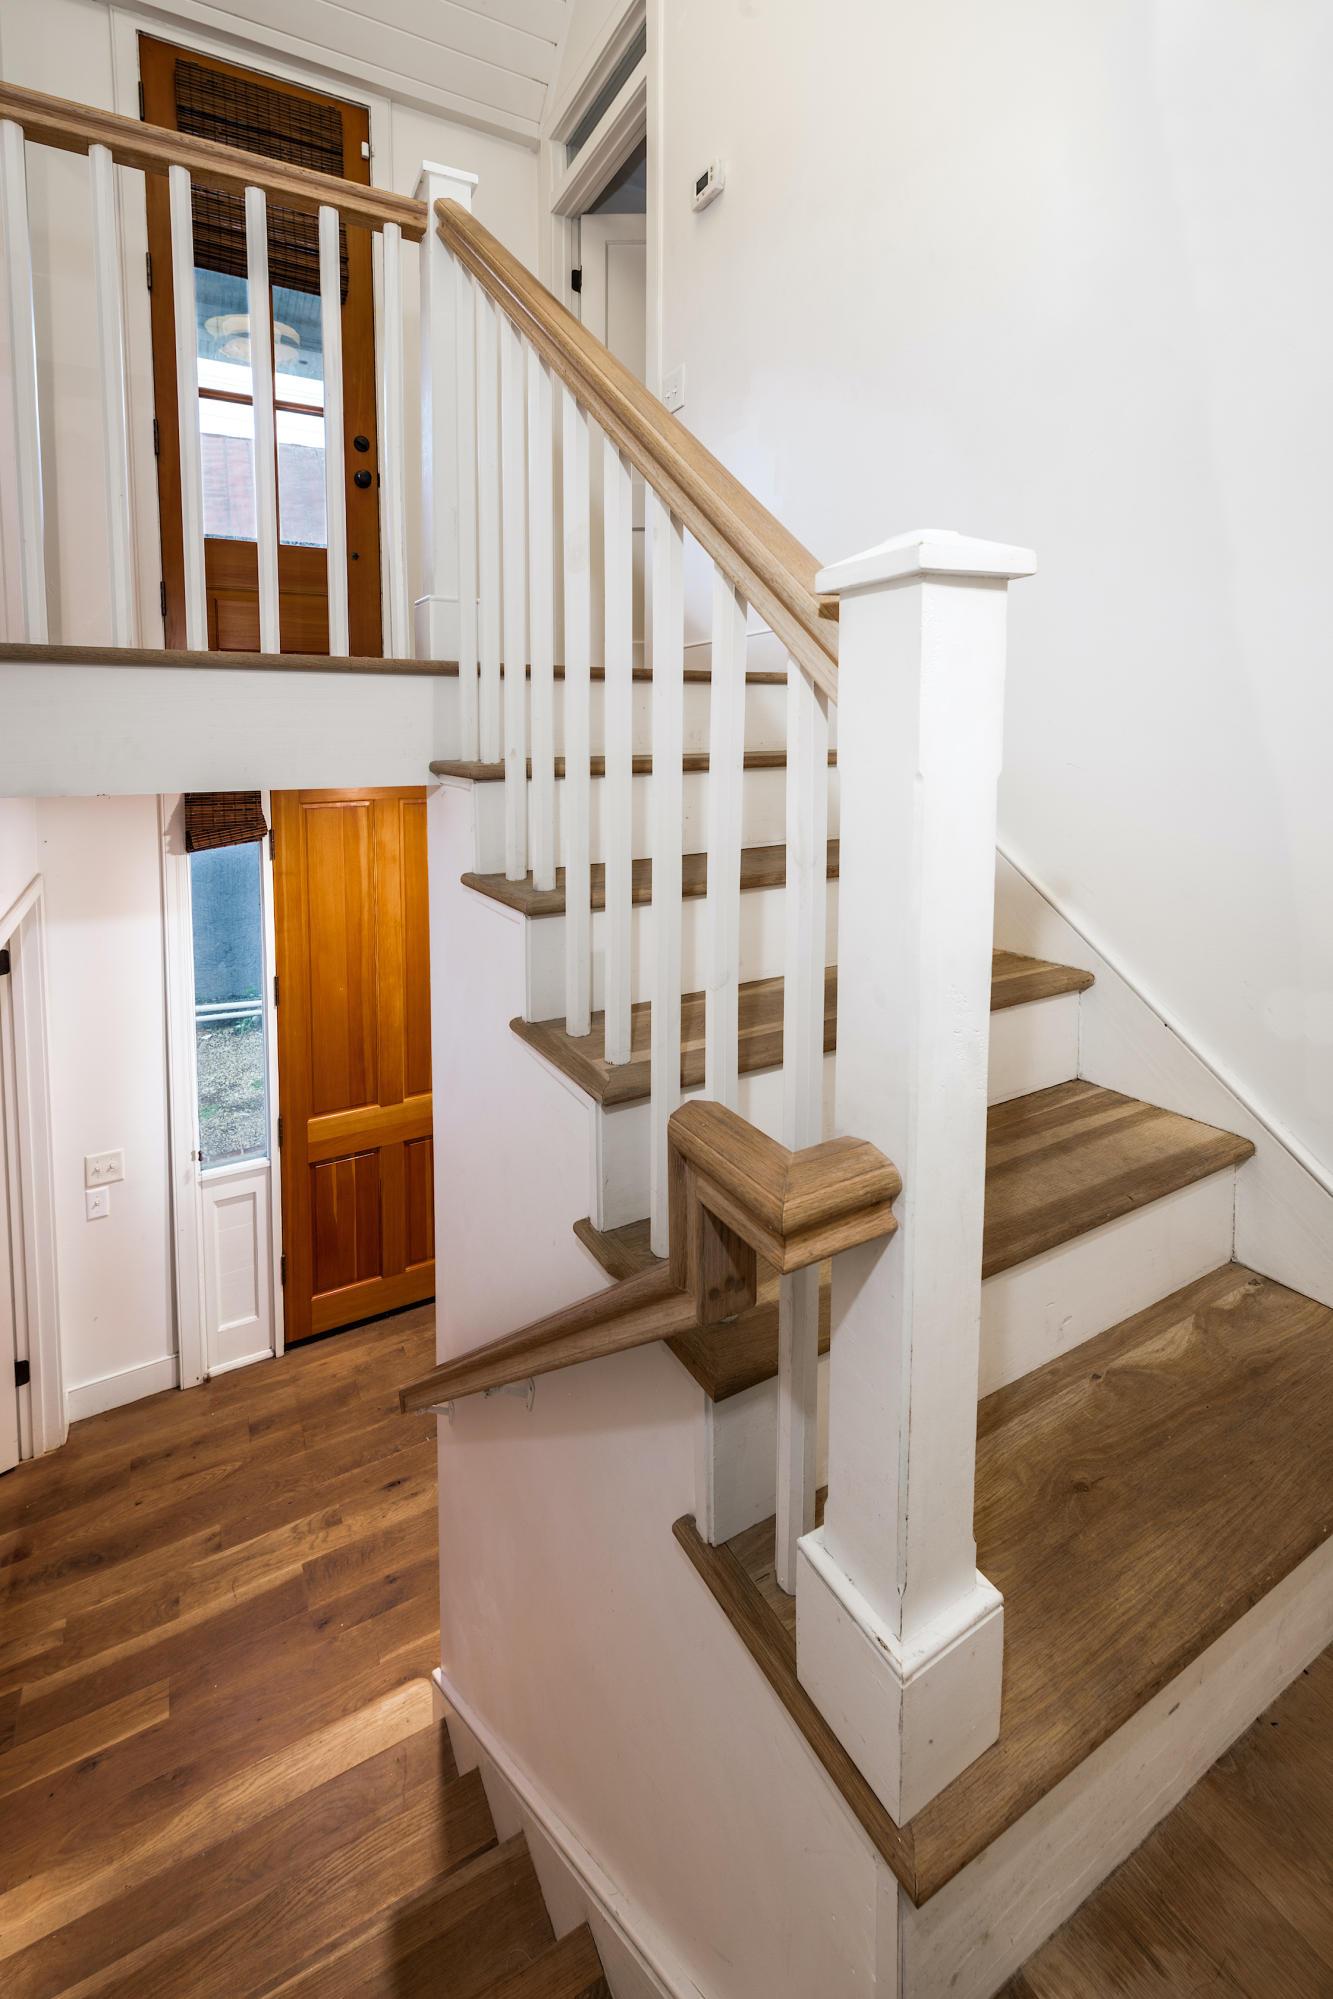 Elliottborough Homes For Sale - 271 Coming, Charleston, SC - 7